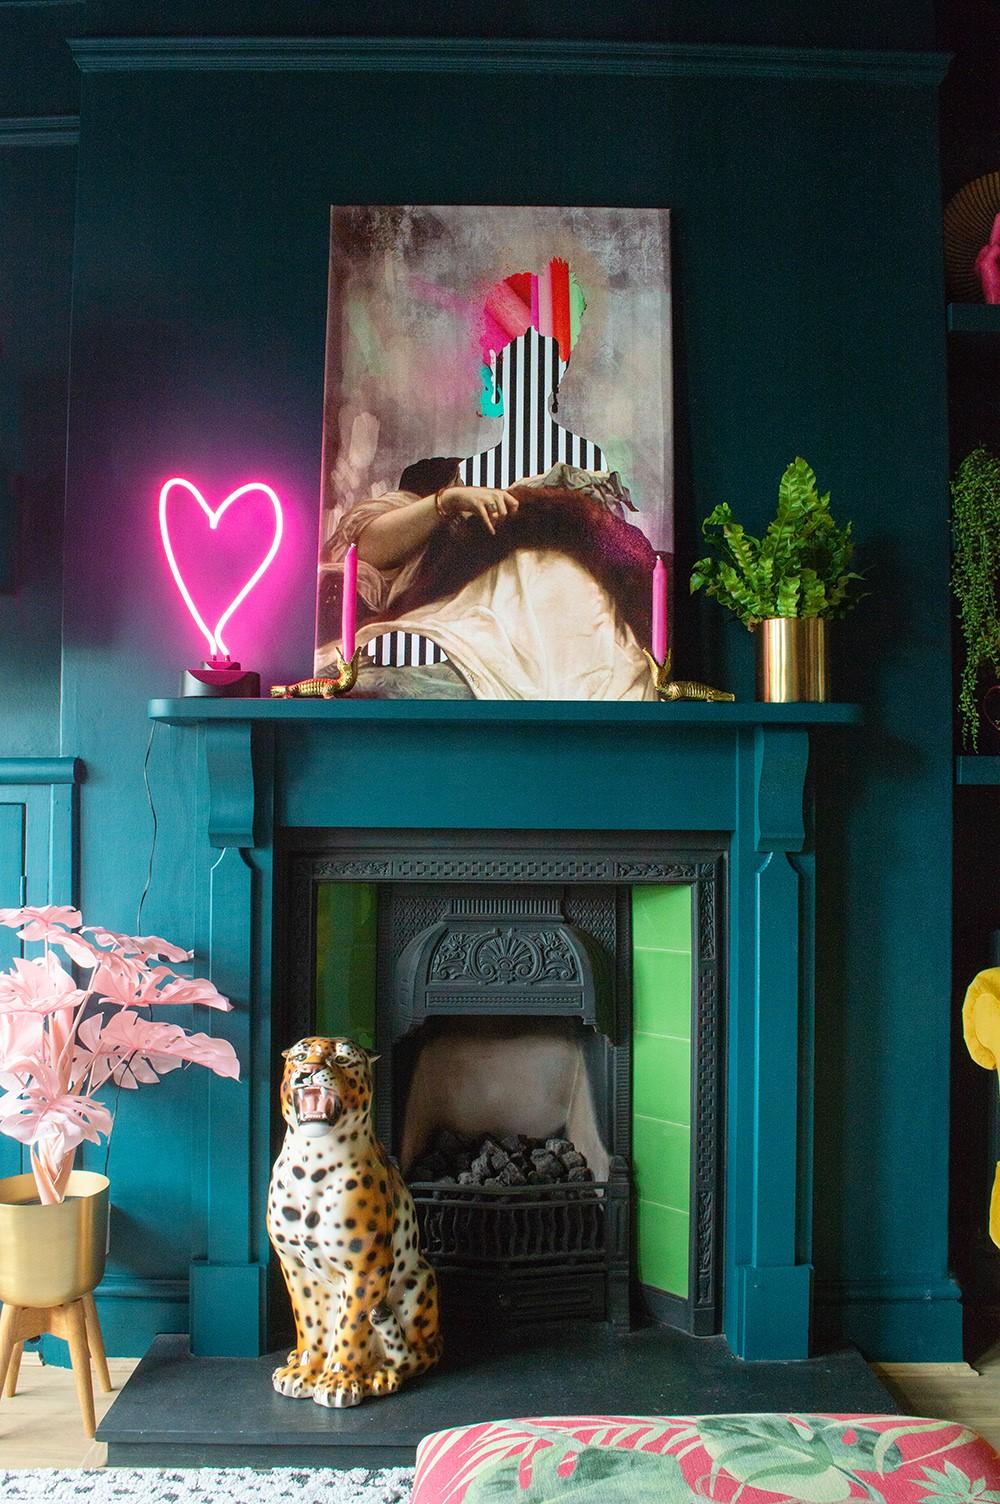 Lorsque vous maintenez l'espace symétrique, vous pouvez superposer encore plus d'éléments tout en conservant un sens de l'équilibre, même dans une pièce où les couleurs et les styles sont largement mélangés.